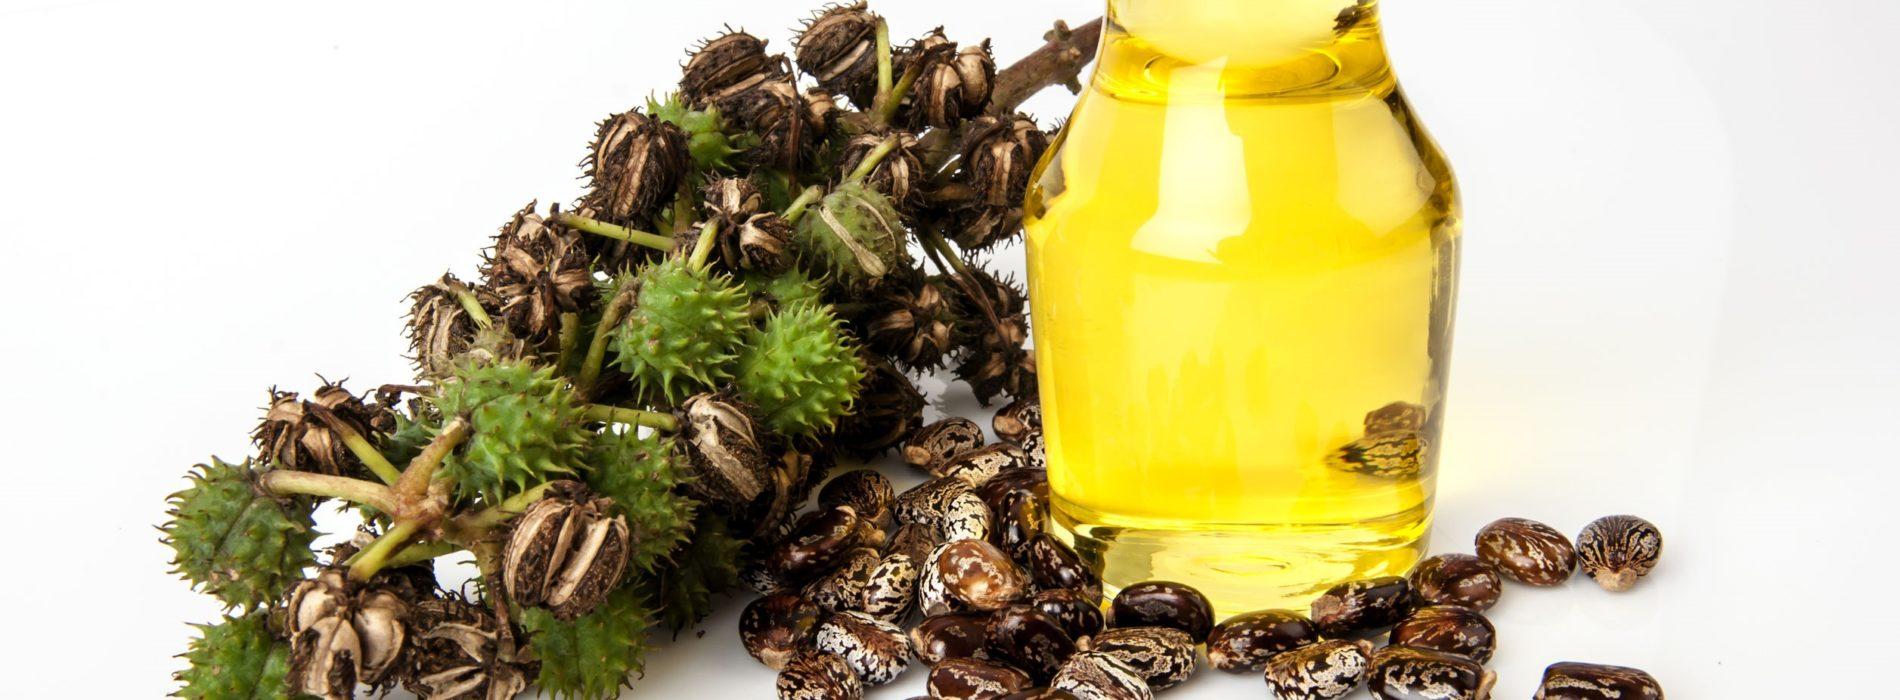 Olej rycynowy – Właściwości oraz zastosowanie oleju rycynowego